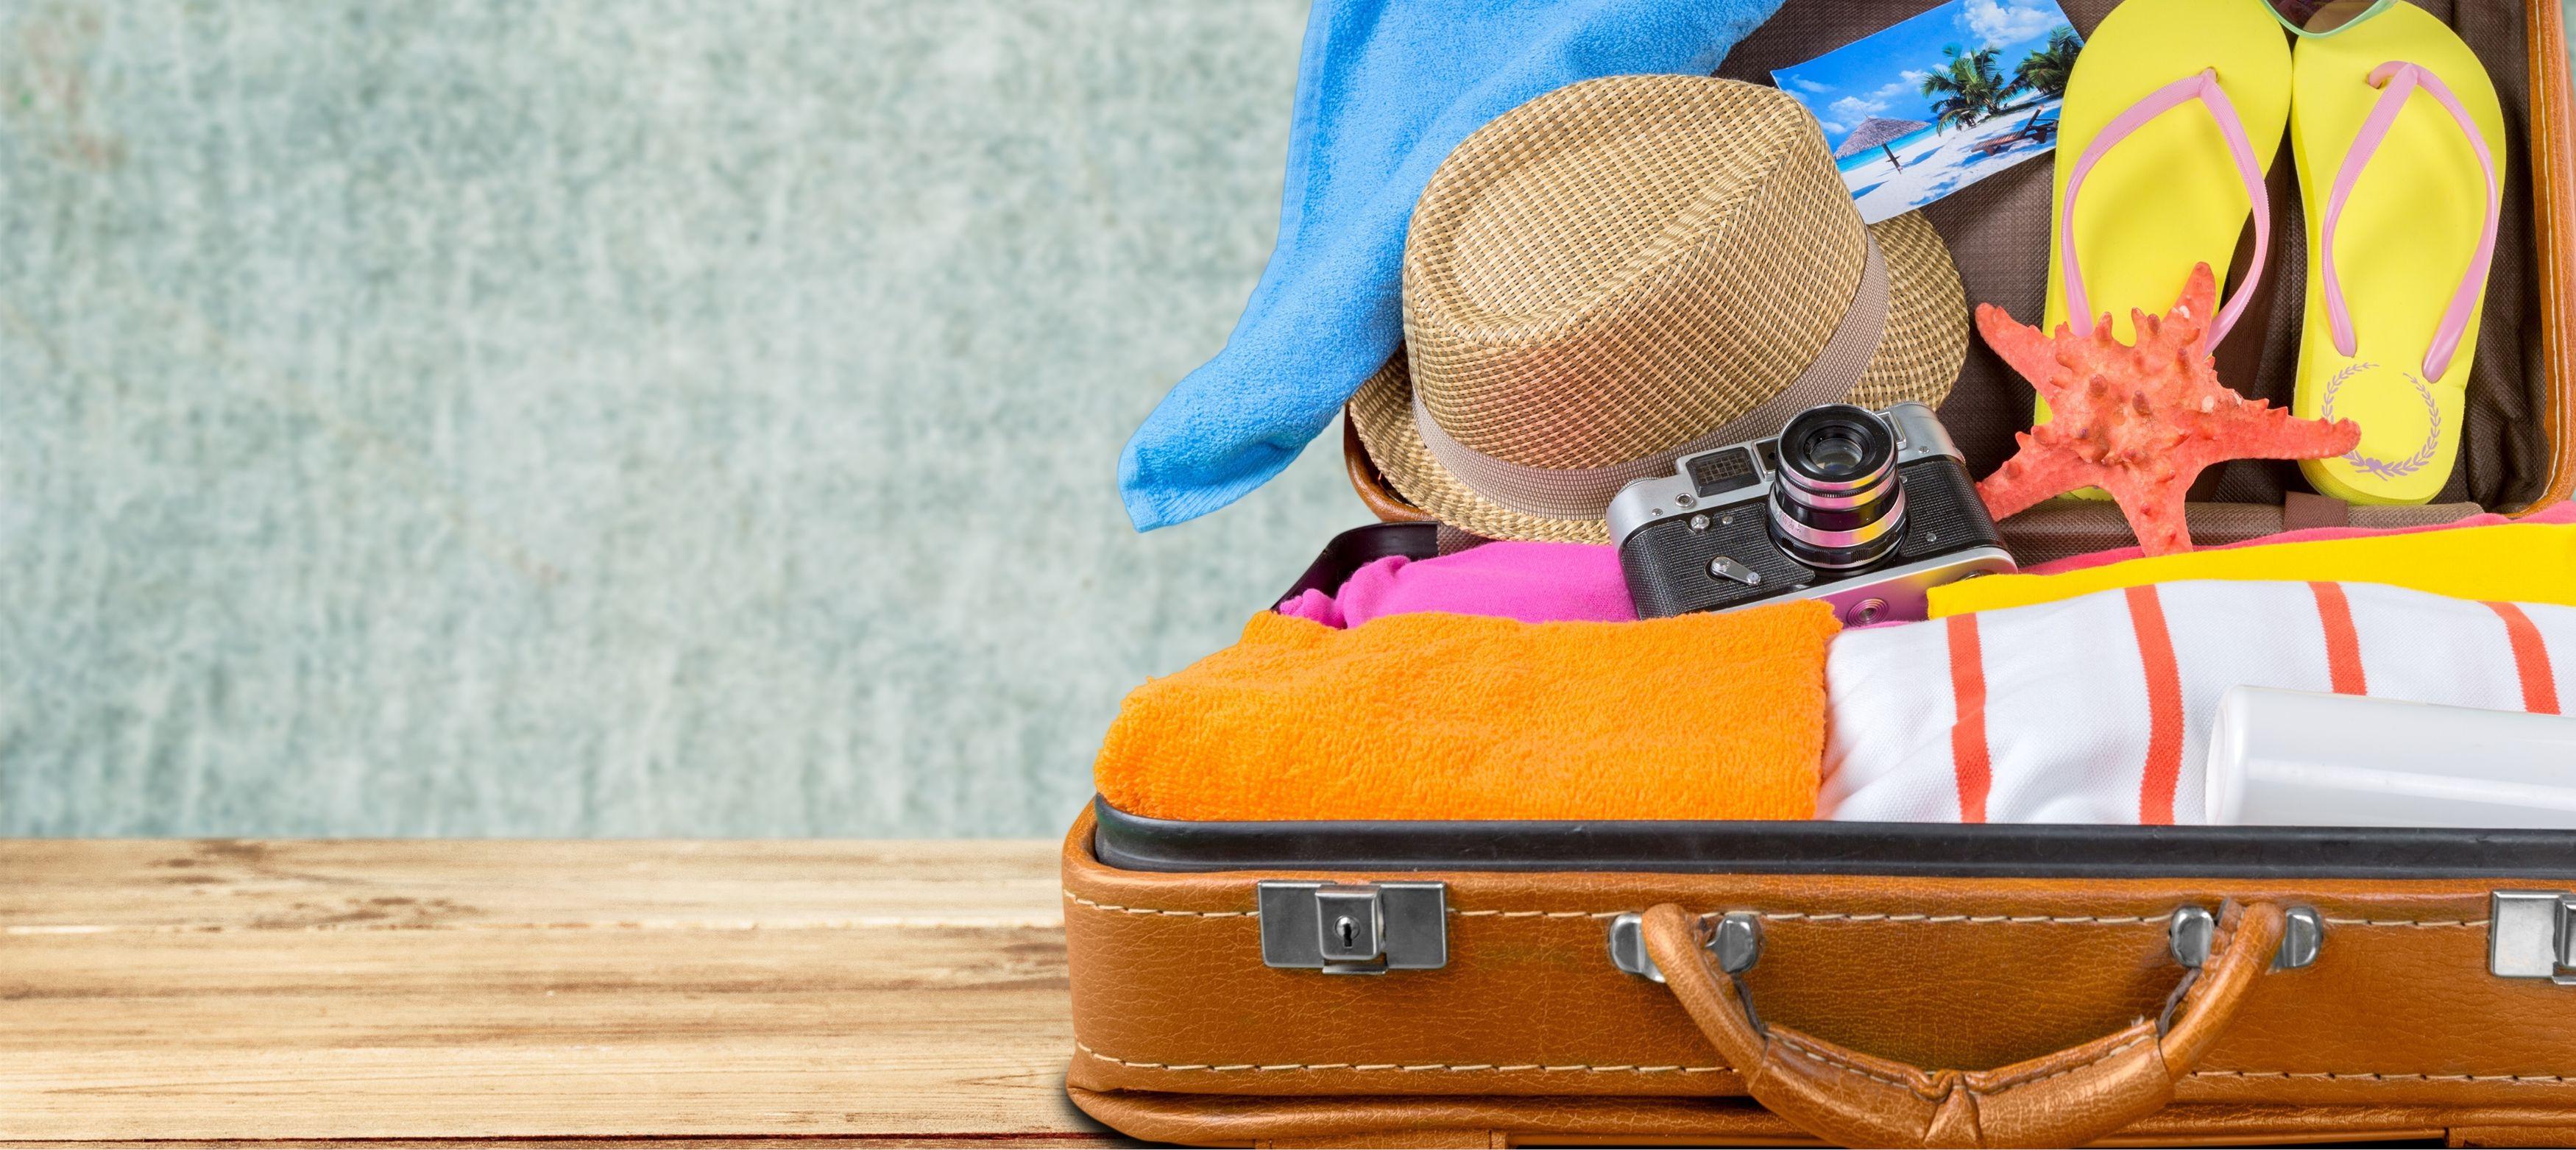 resväska med reseprylar som solhatt, flipflops, kamera och vykort